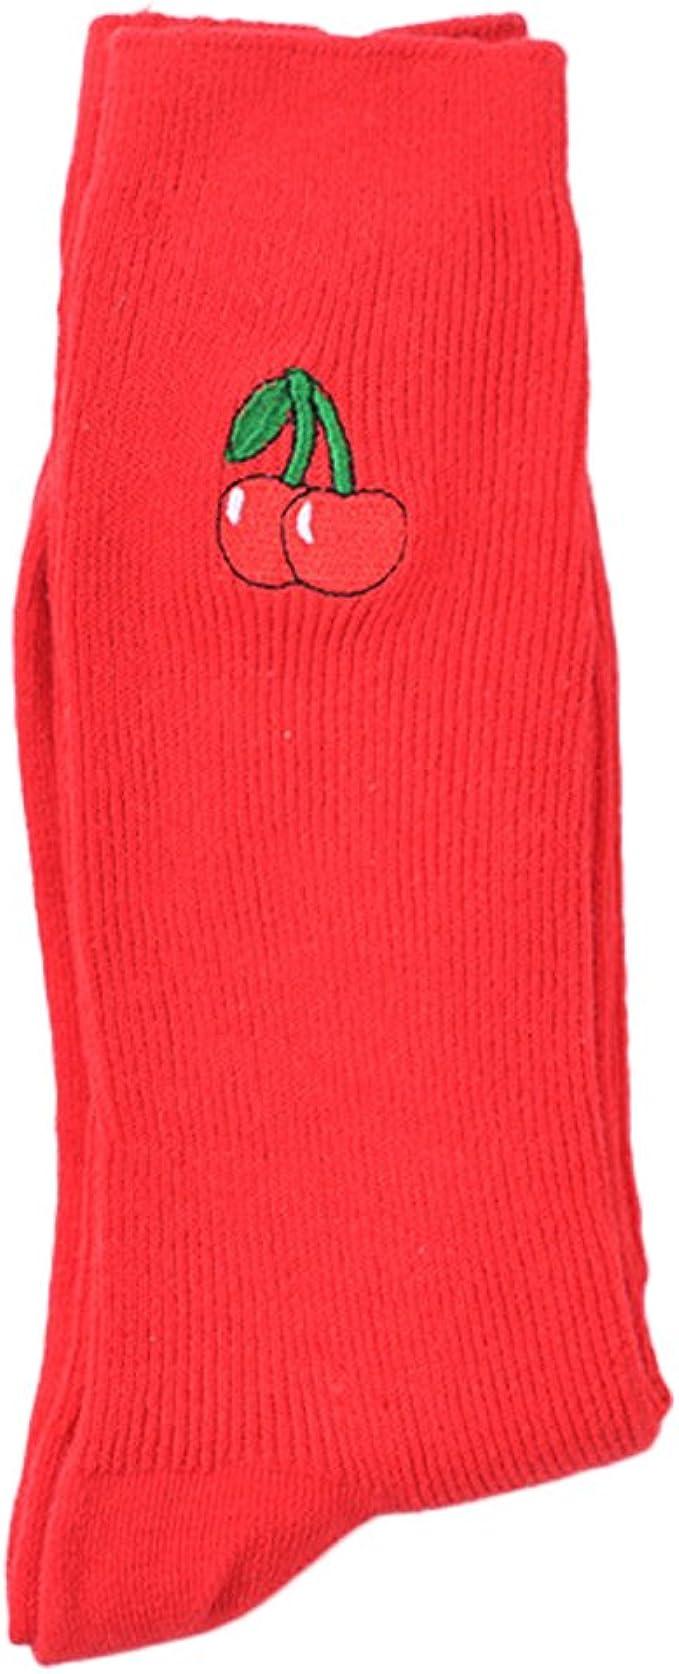 Leana Collection 4 Paire R/étro Femme Chaussettes Soquettes Coton Fruit Motif Broderie Bas Long Hiver Chaude Cadeau